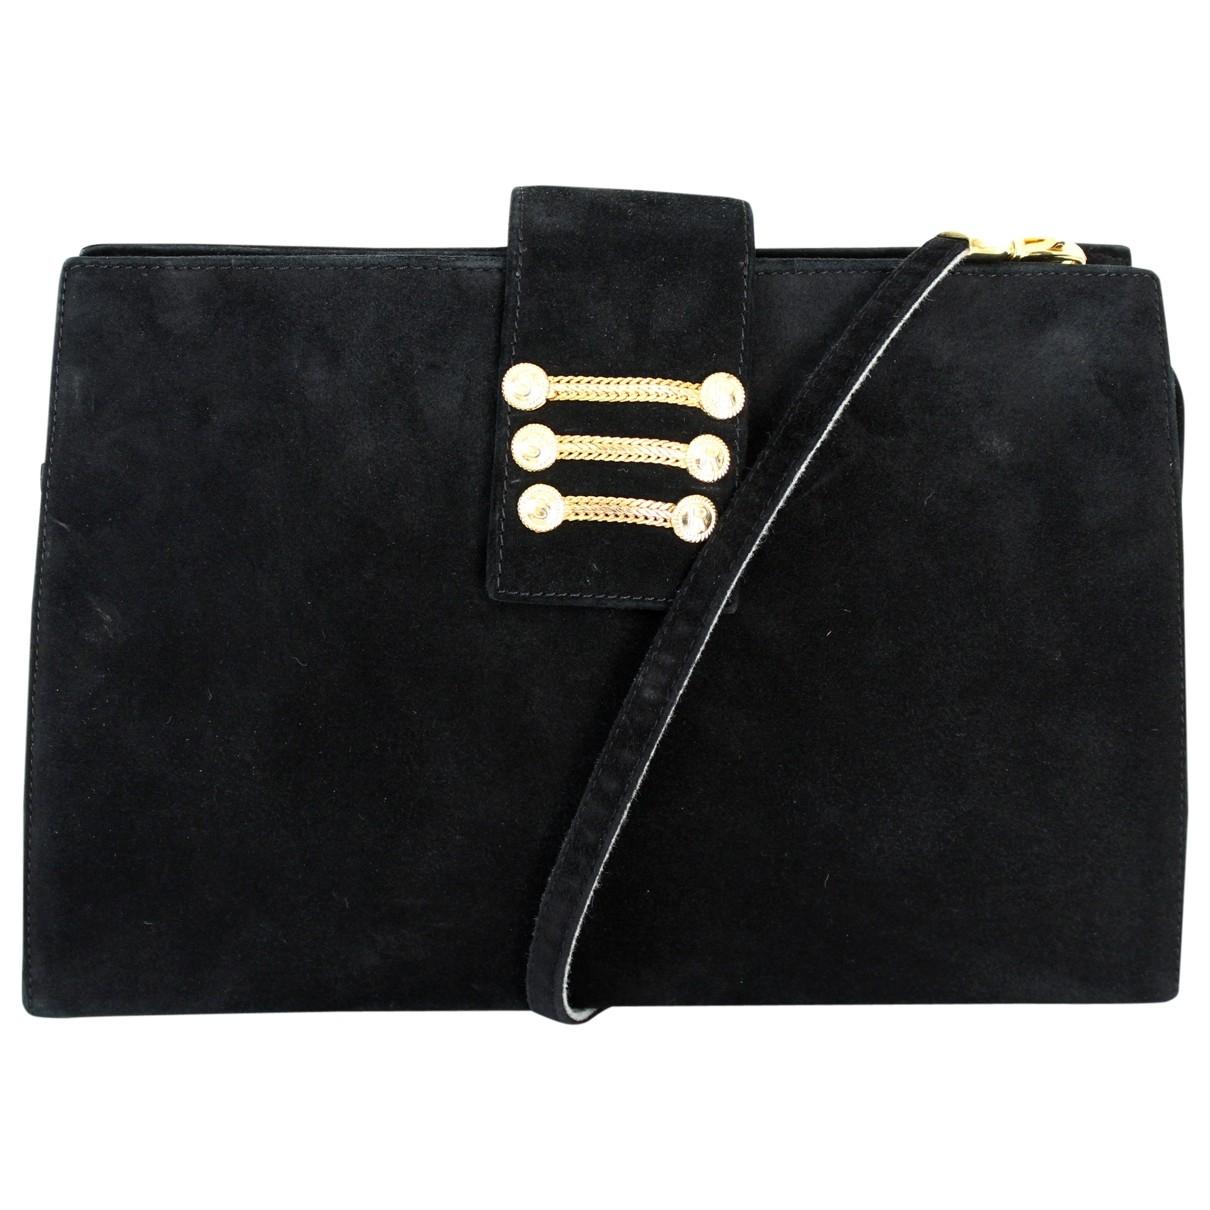 Sergio Rossi \N Black Suede handbag for Women \N